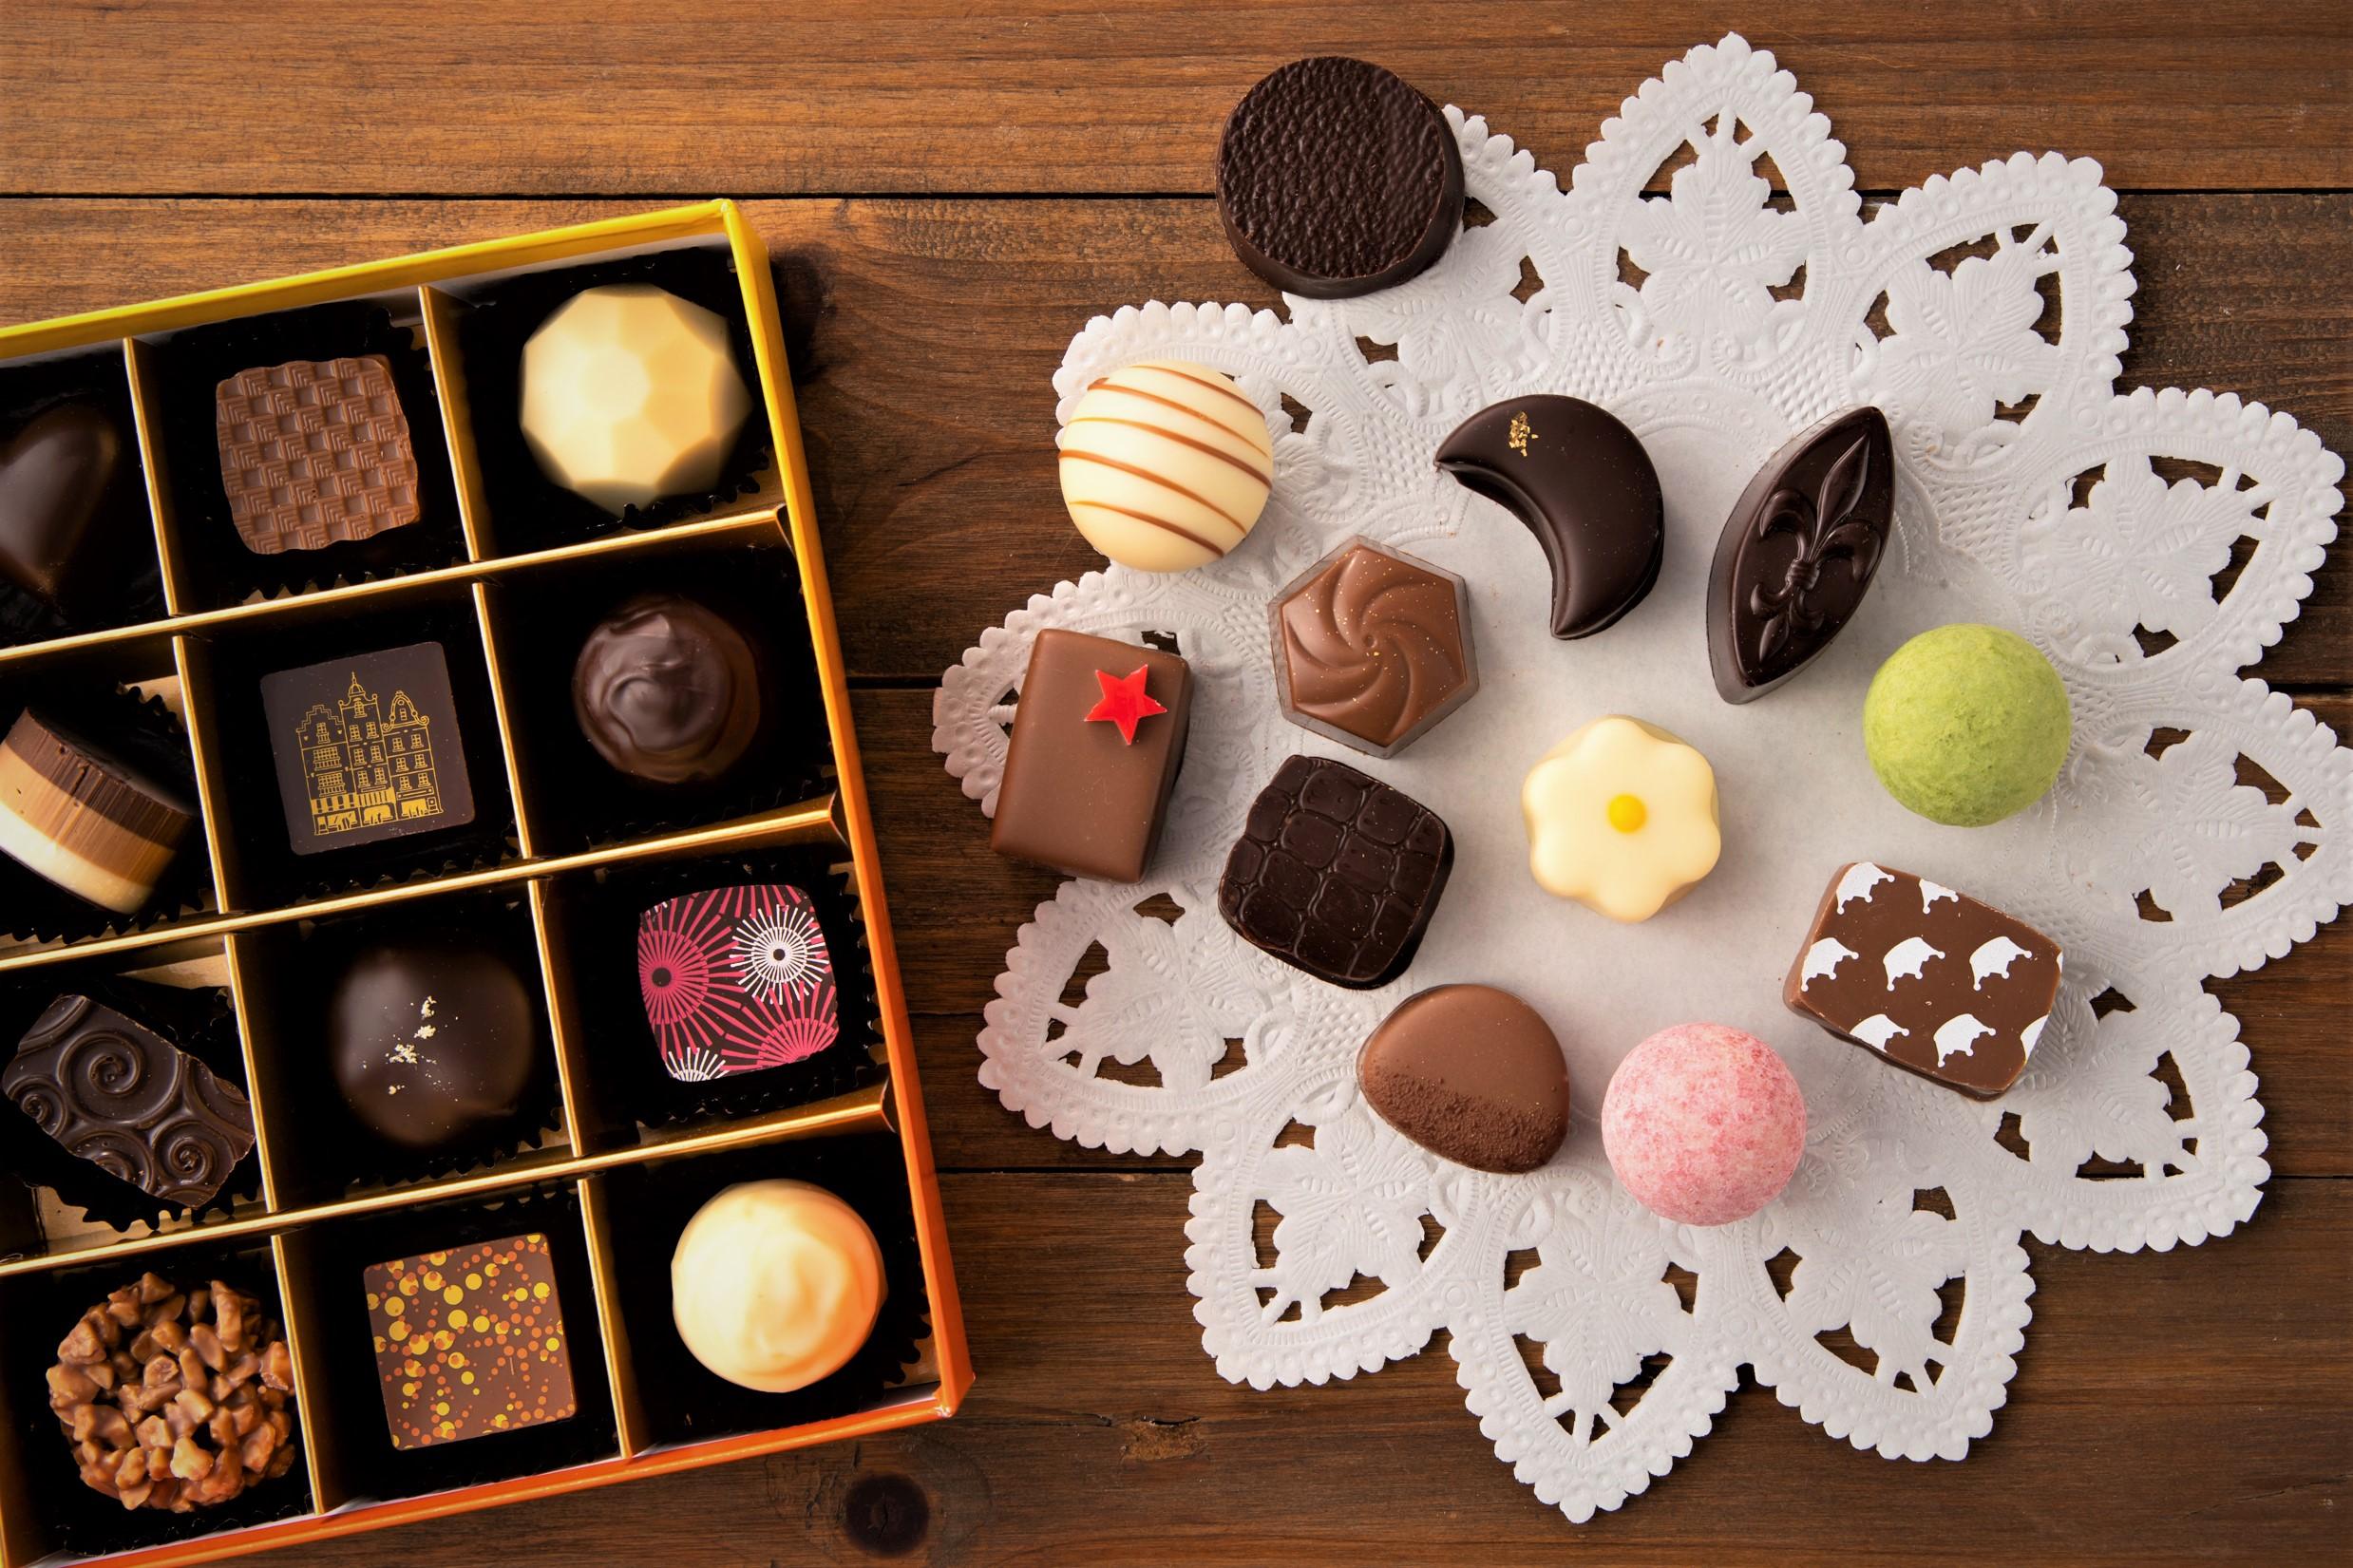 グラン プラス チョコ 千葉・八街で高級チョコレートをオトナ買い♪グランプラス工場直売所